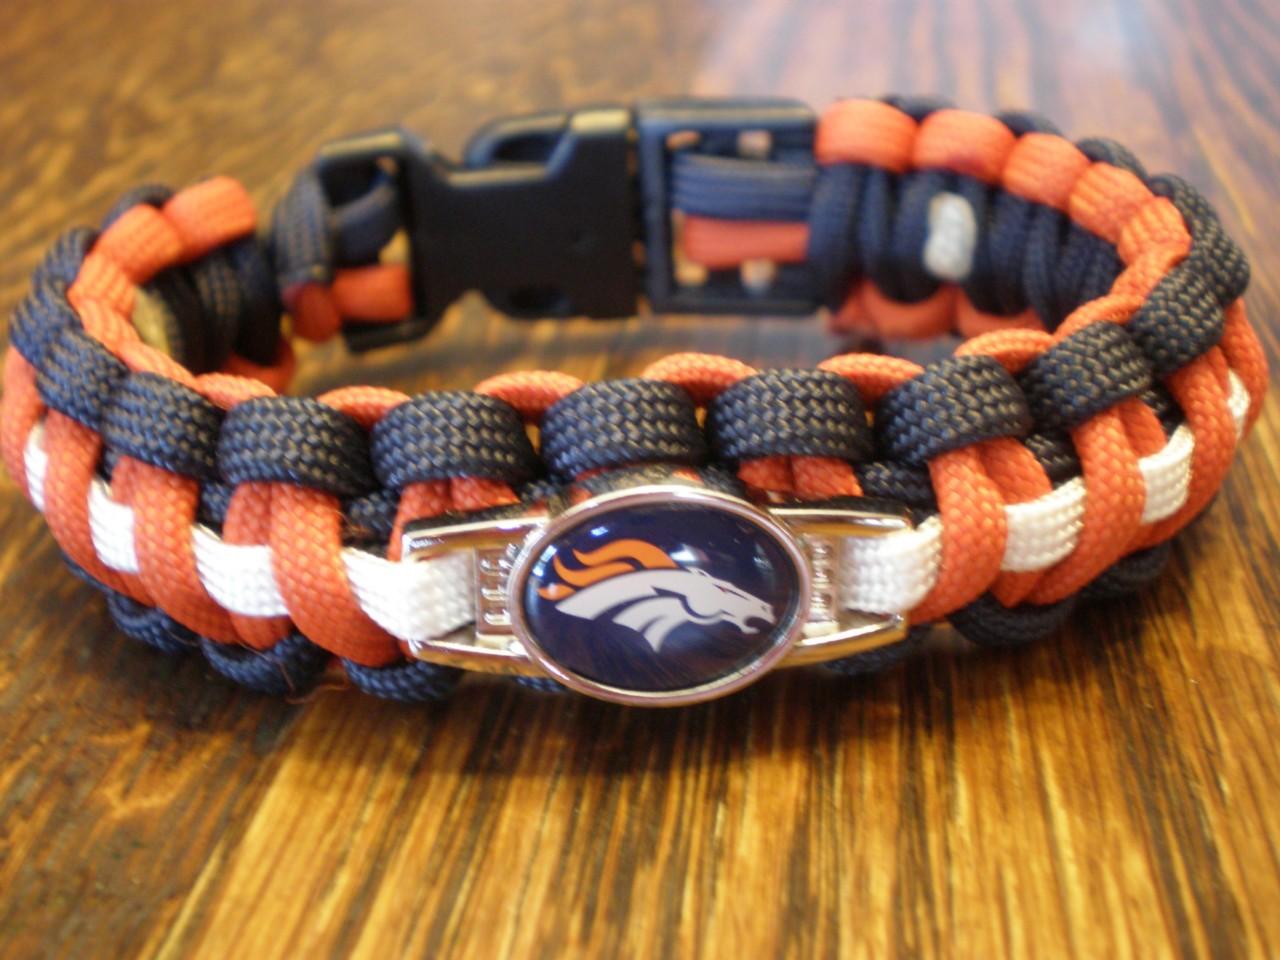 nfl paracord bracelet custom made official nfl licensed